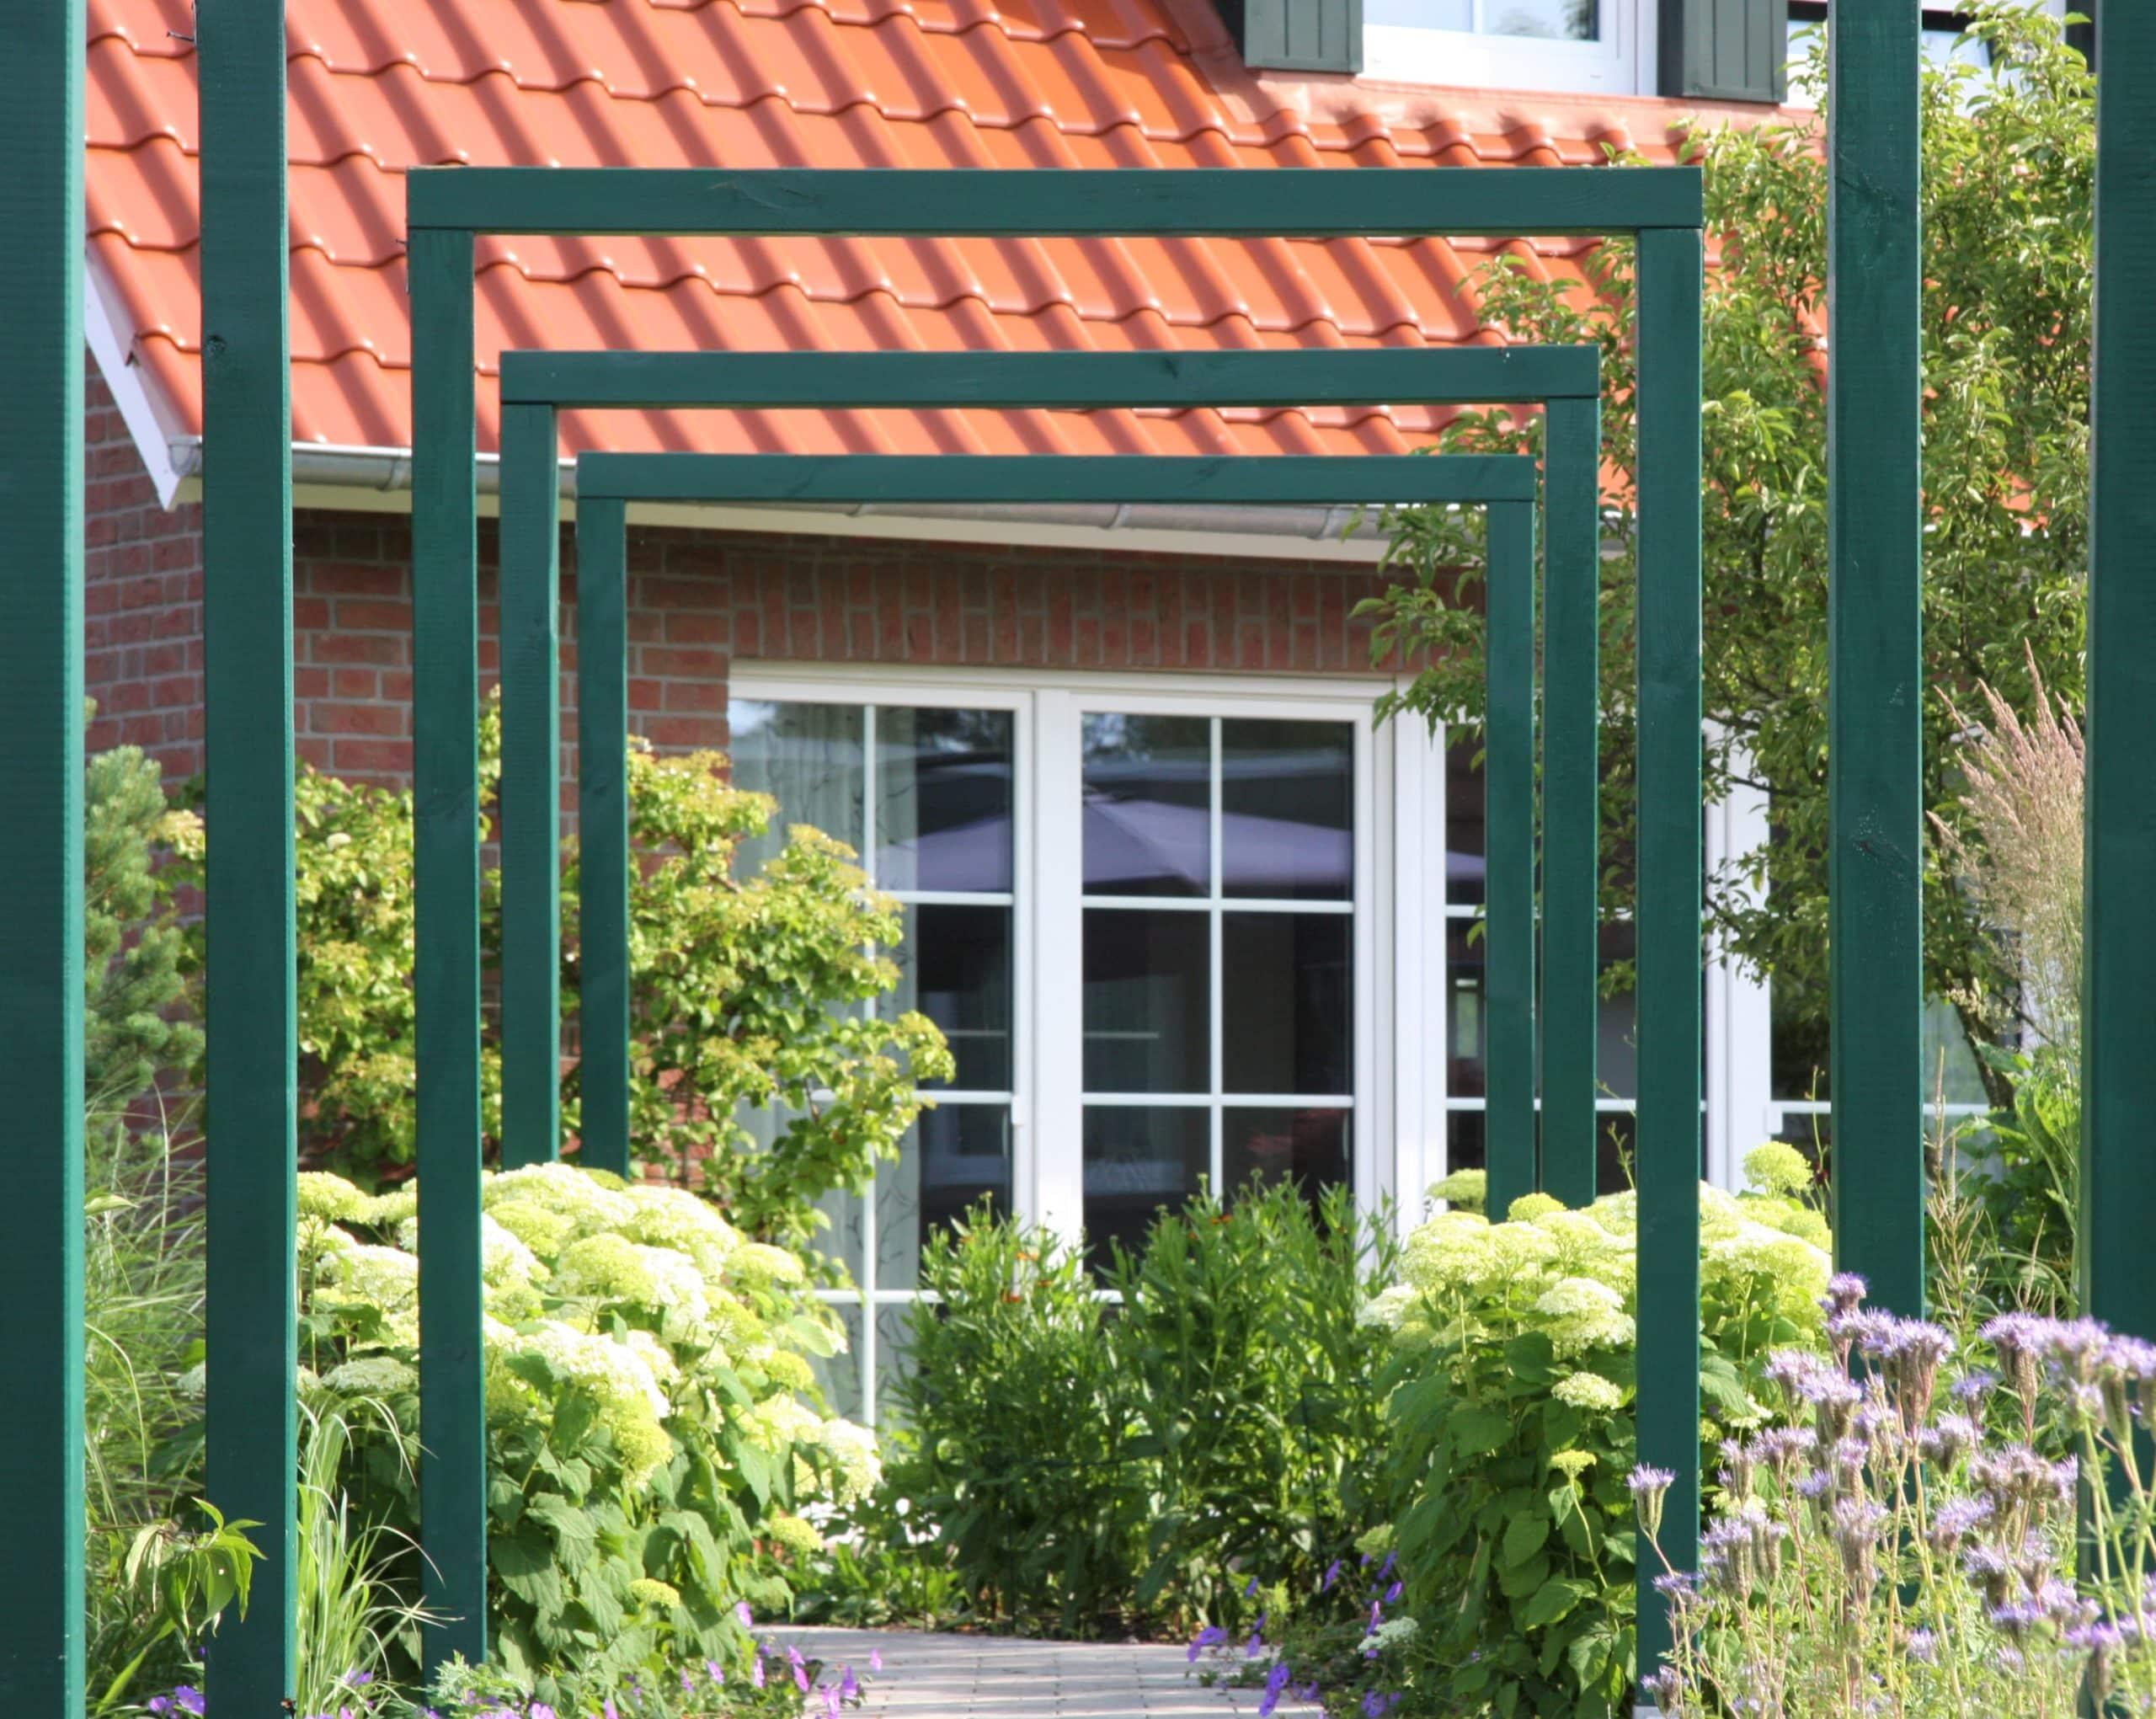 Comment agrandir une petite terrasse?